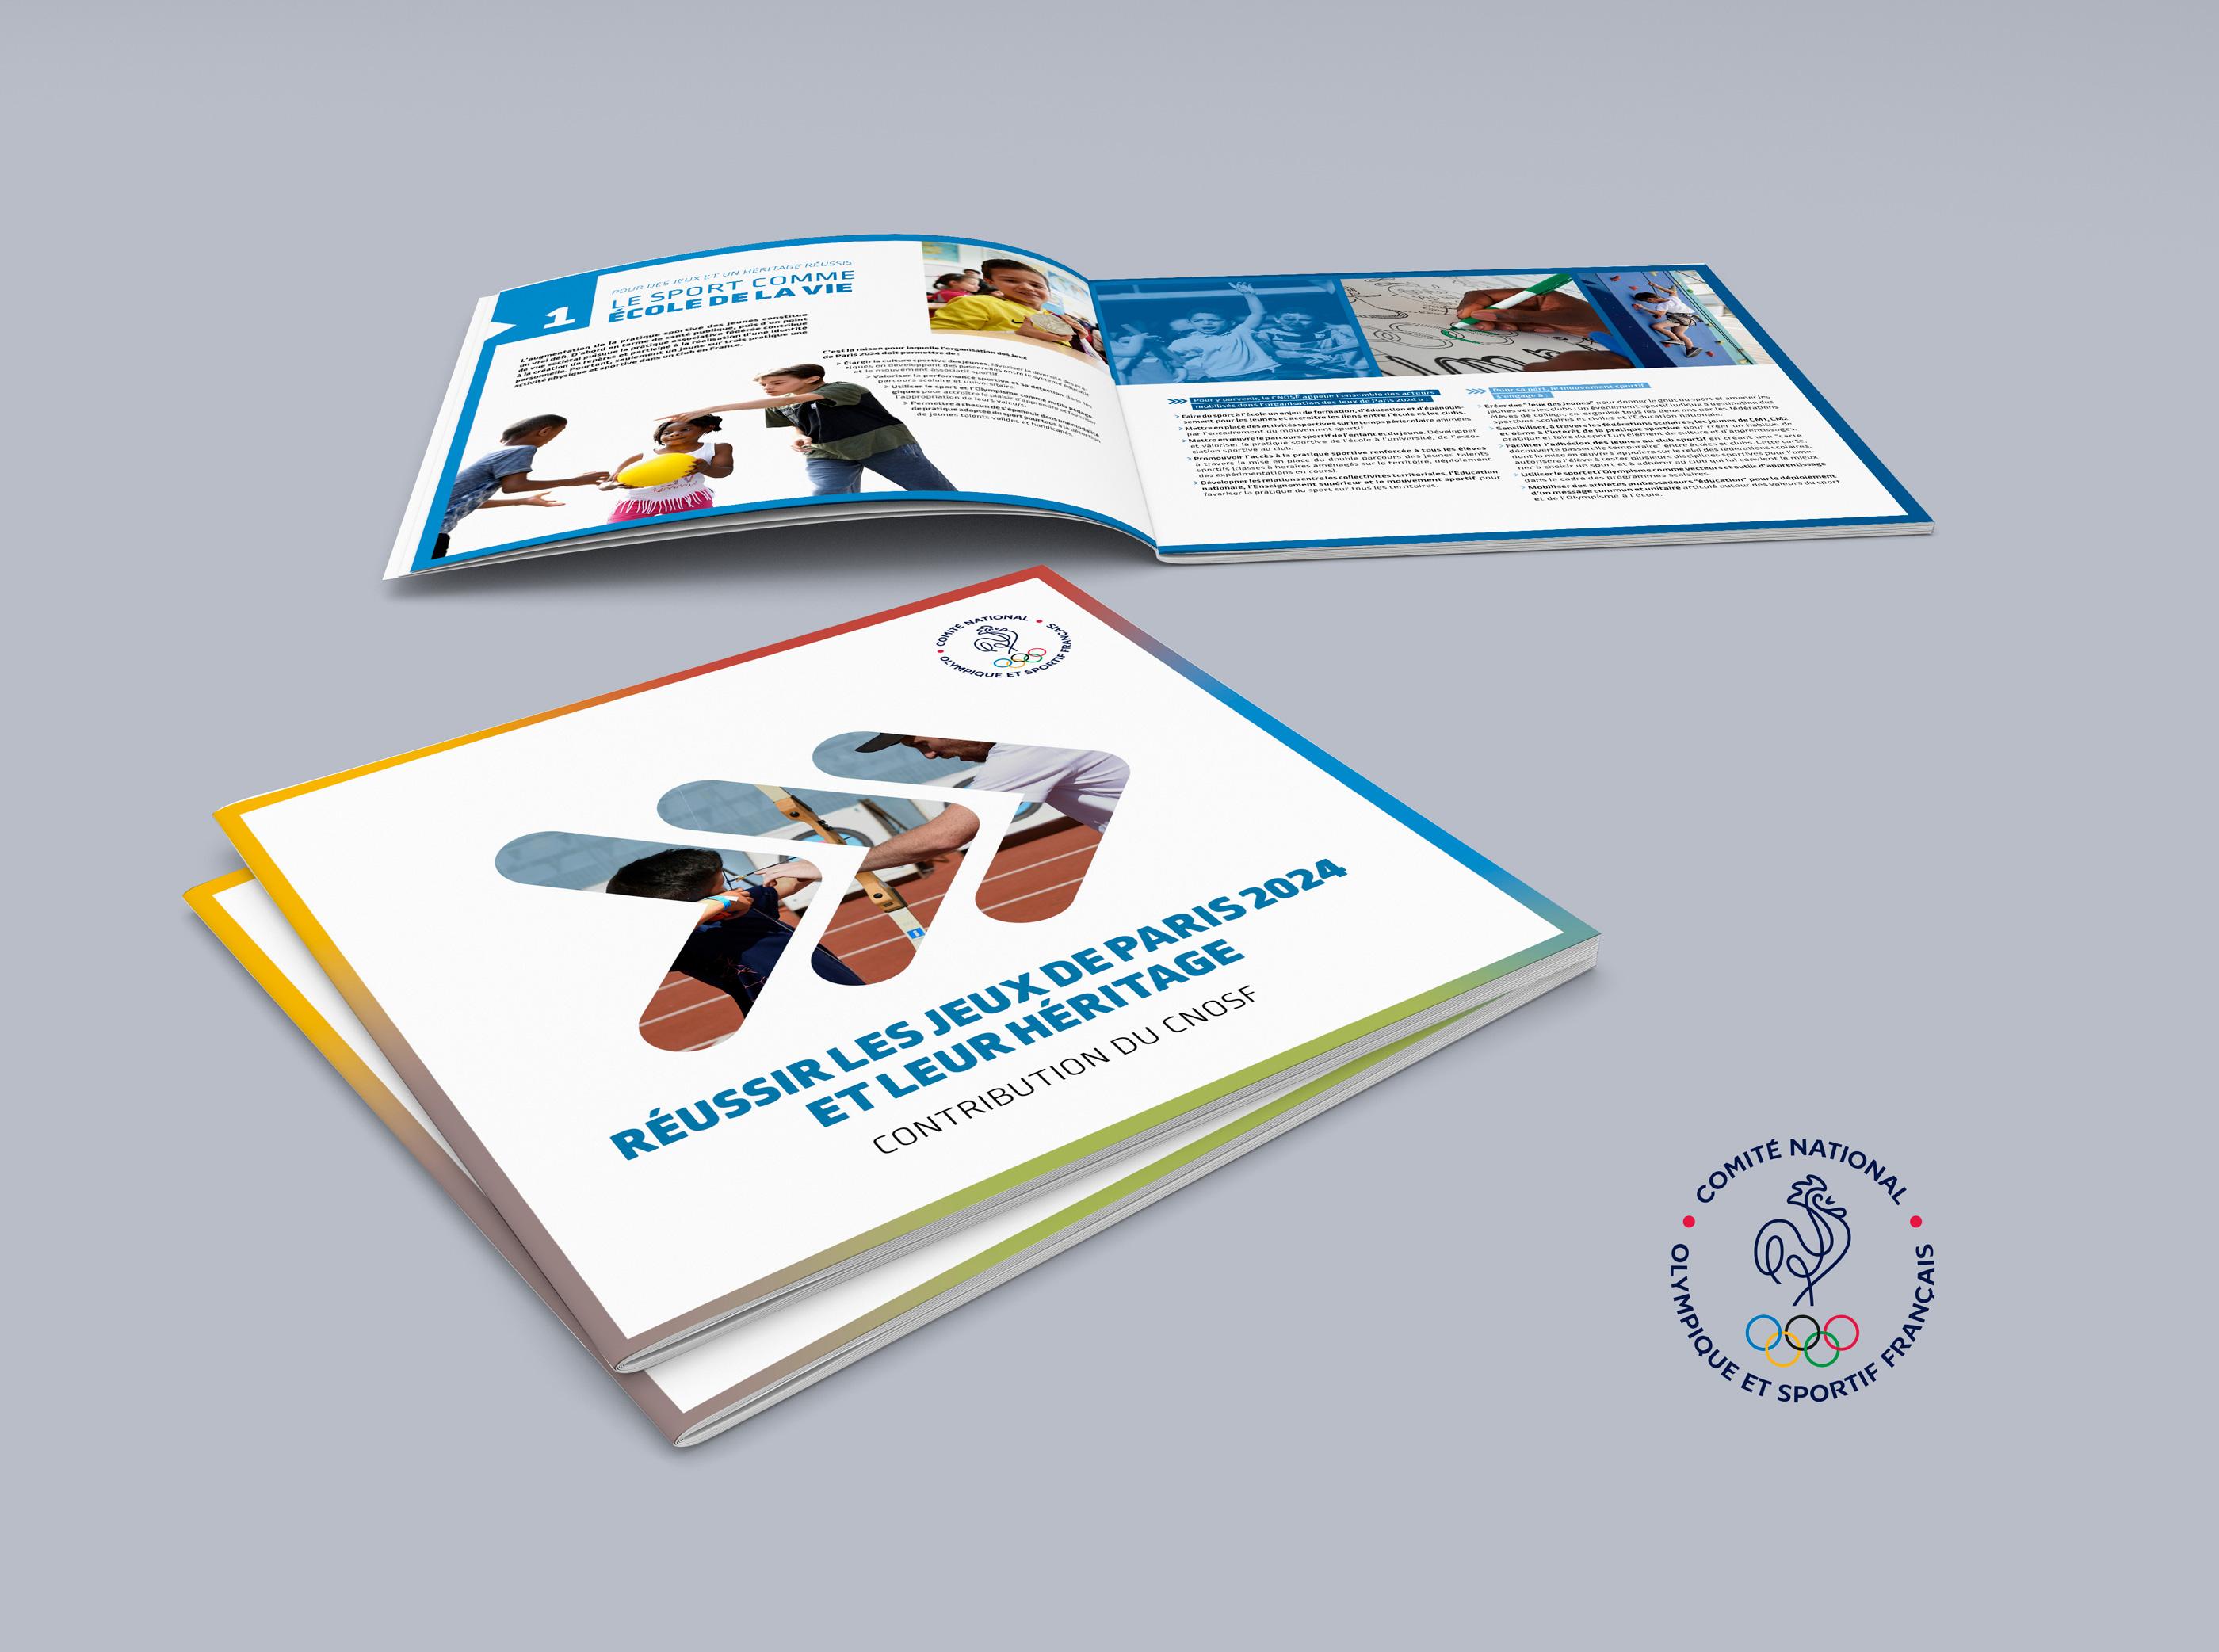 CNOSF-Brochure-Mockup-2